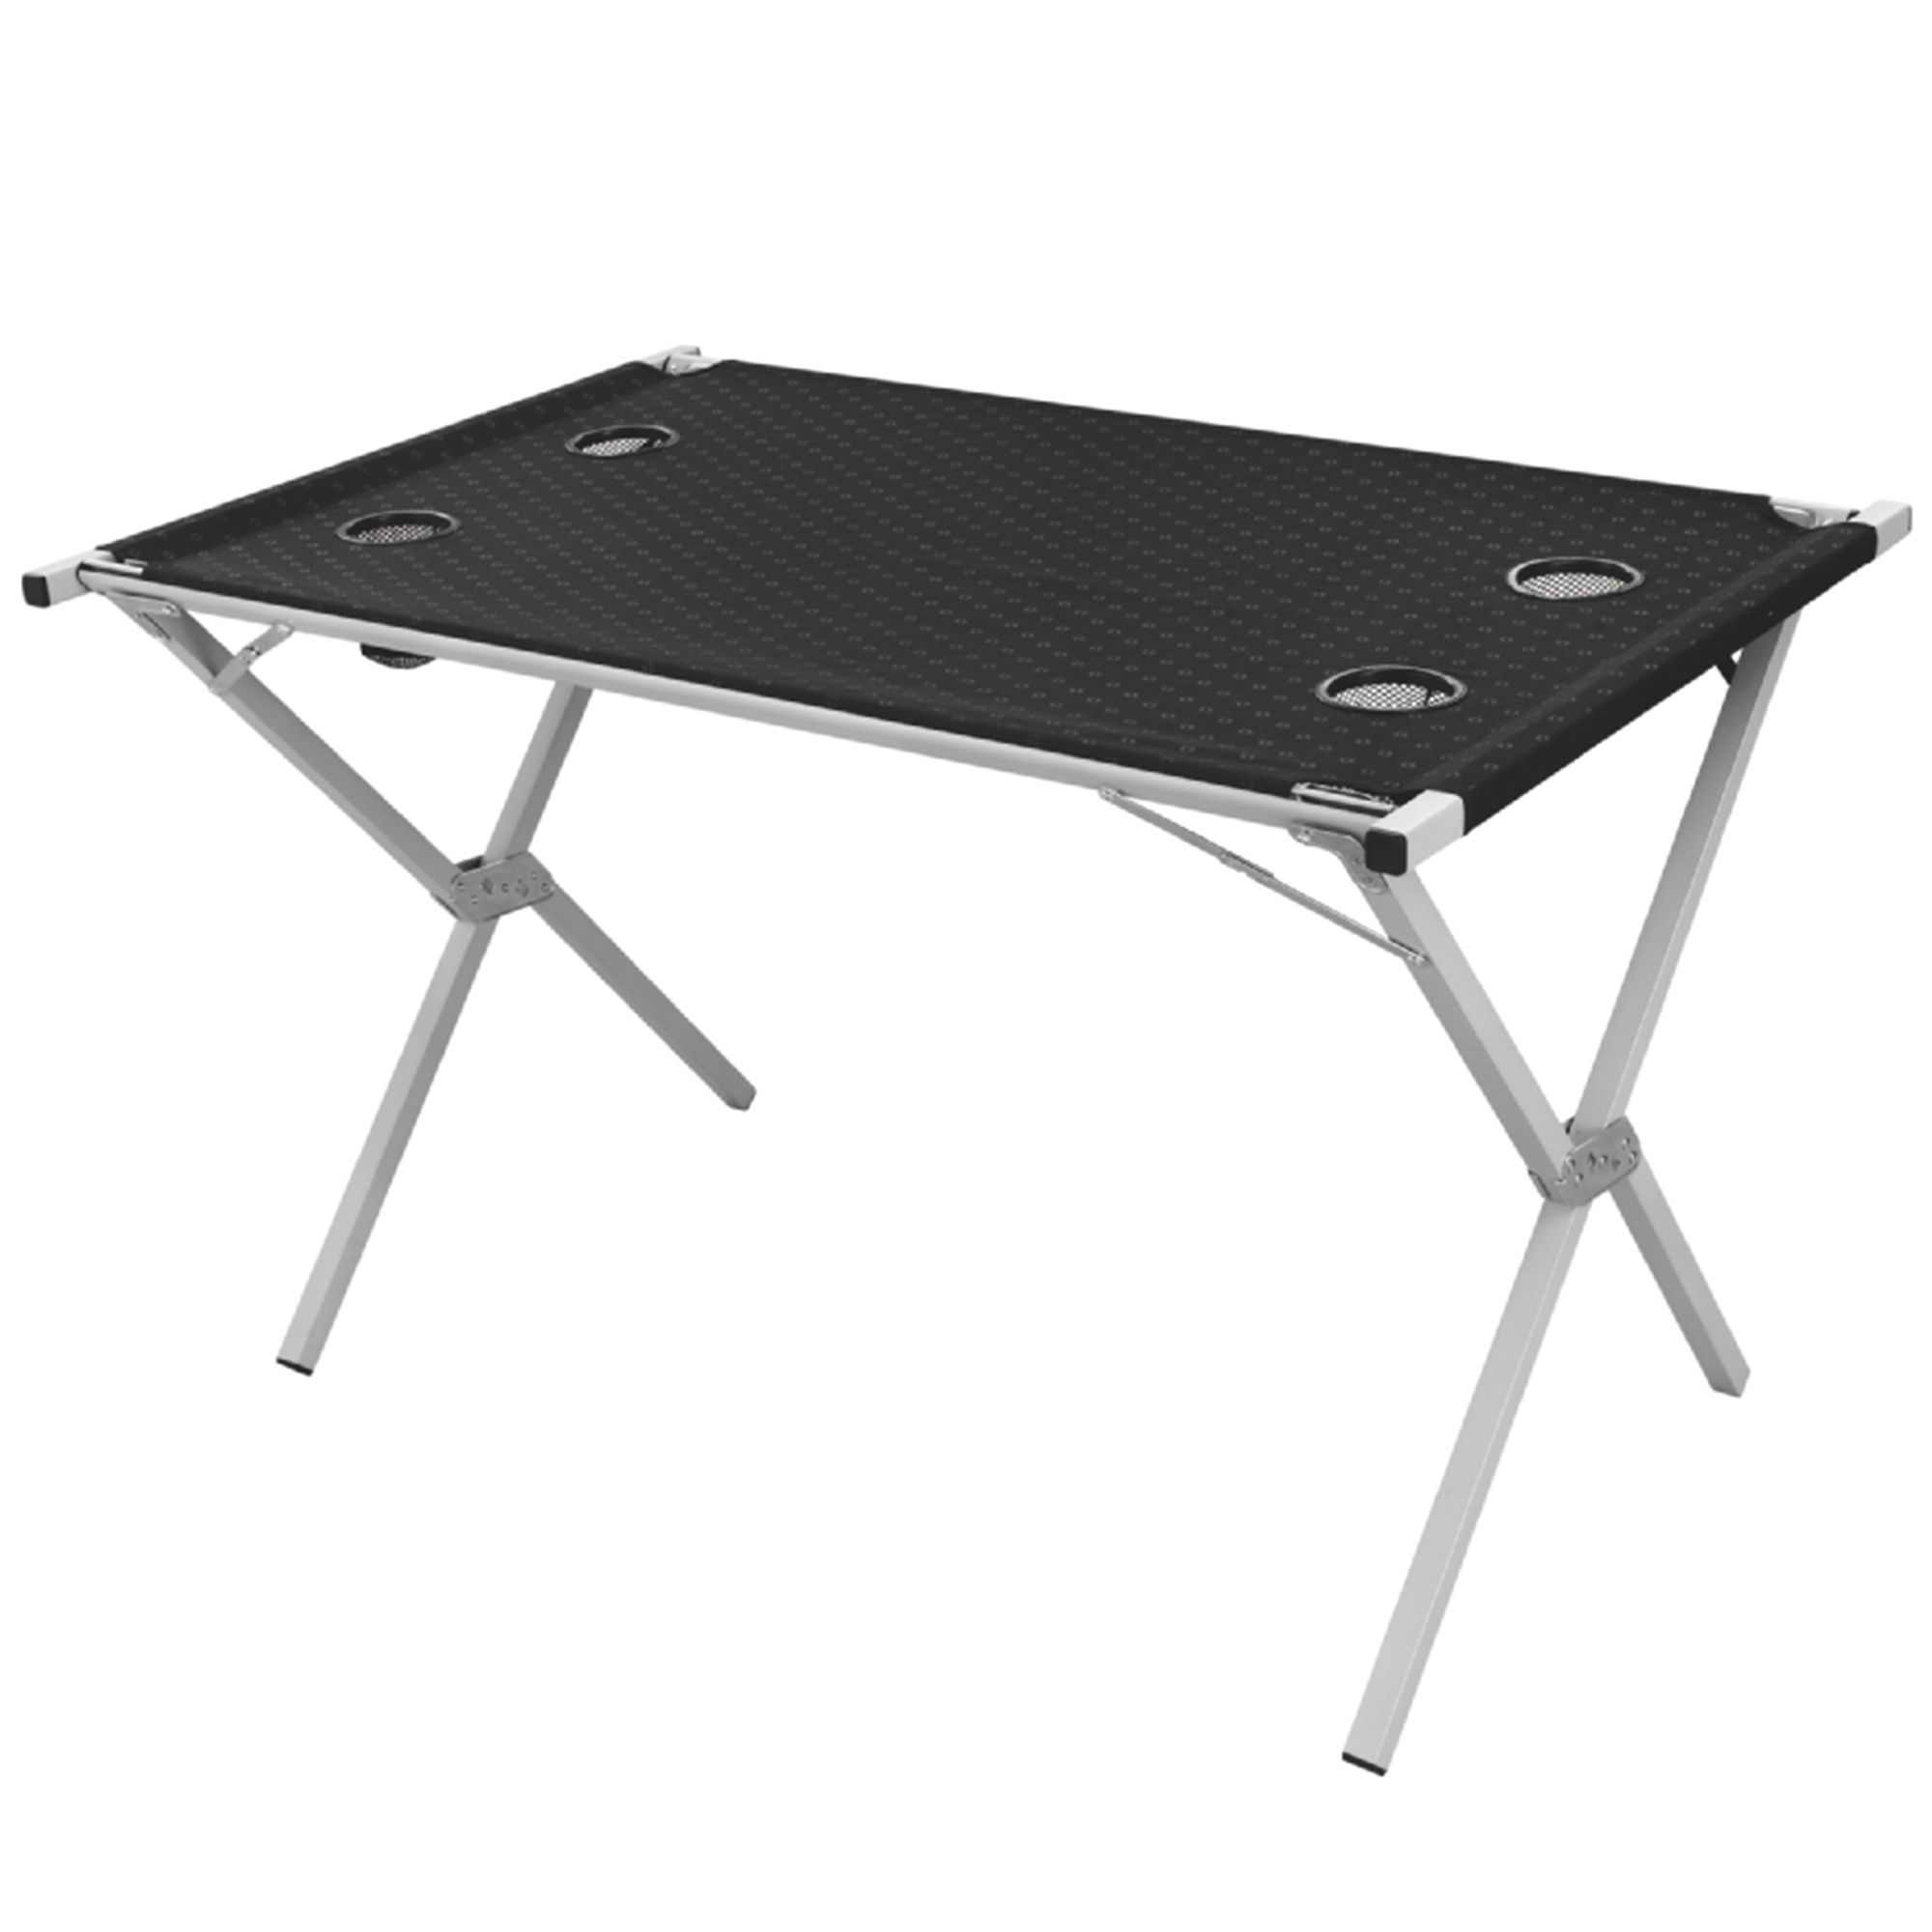 OUTWELL Rupert Folding Table